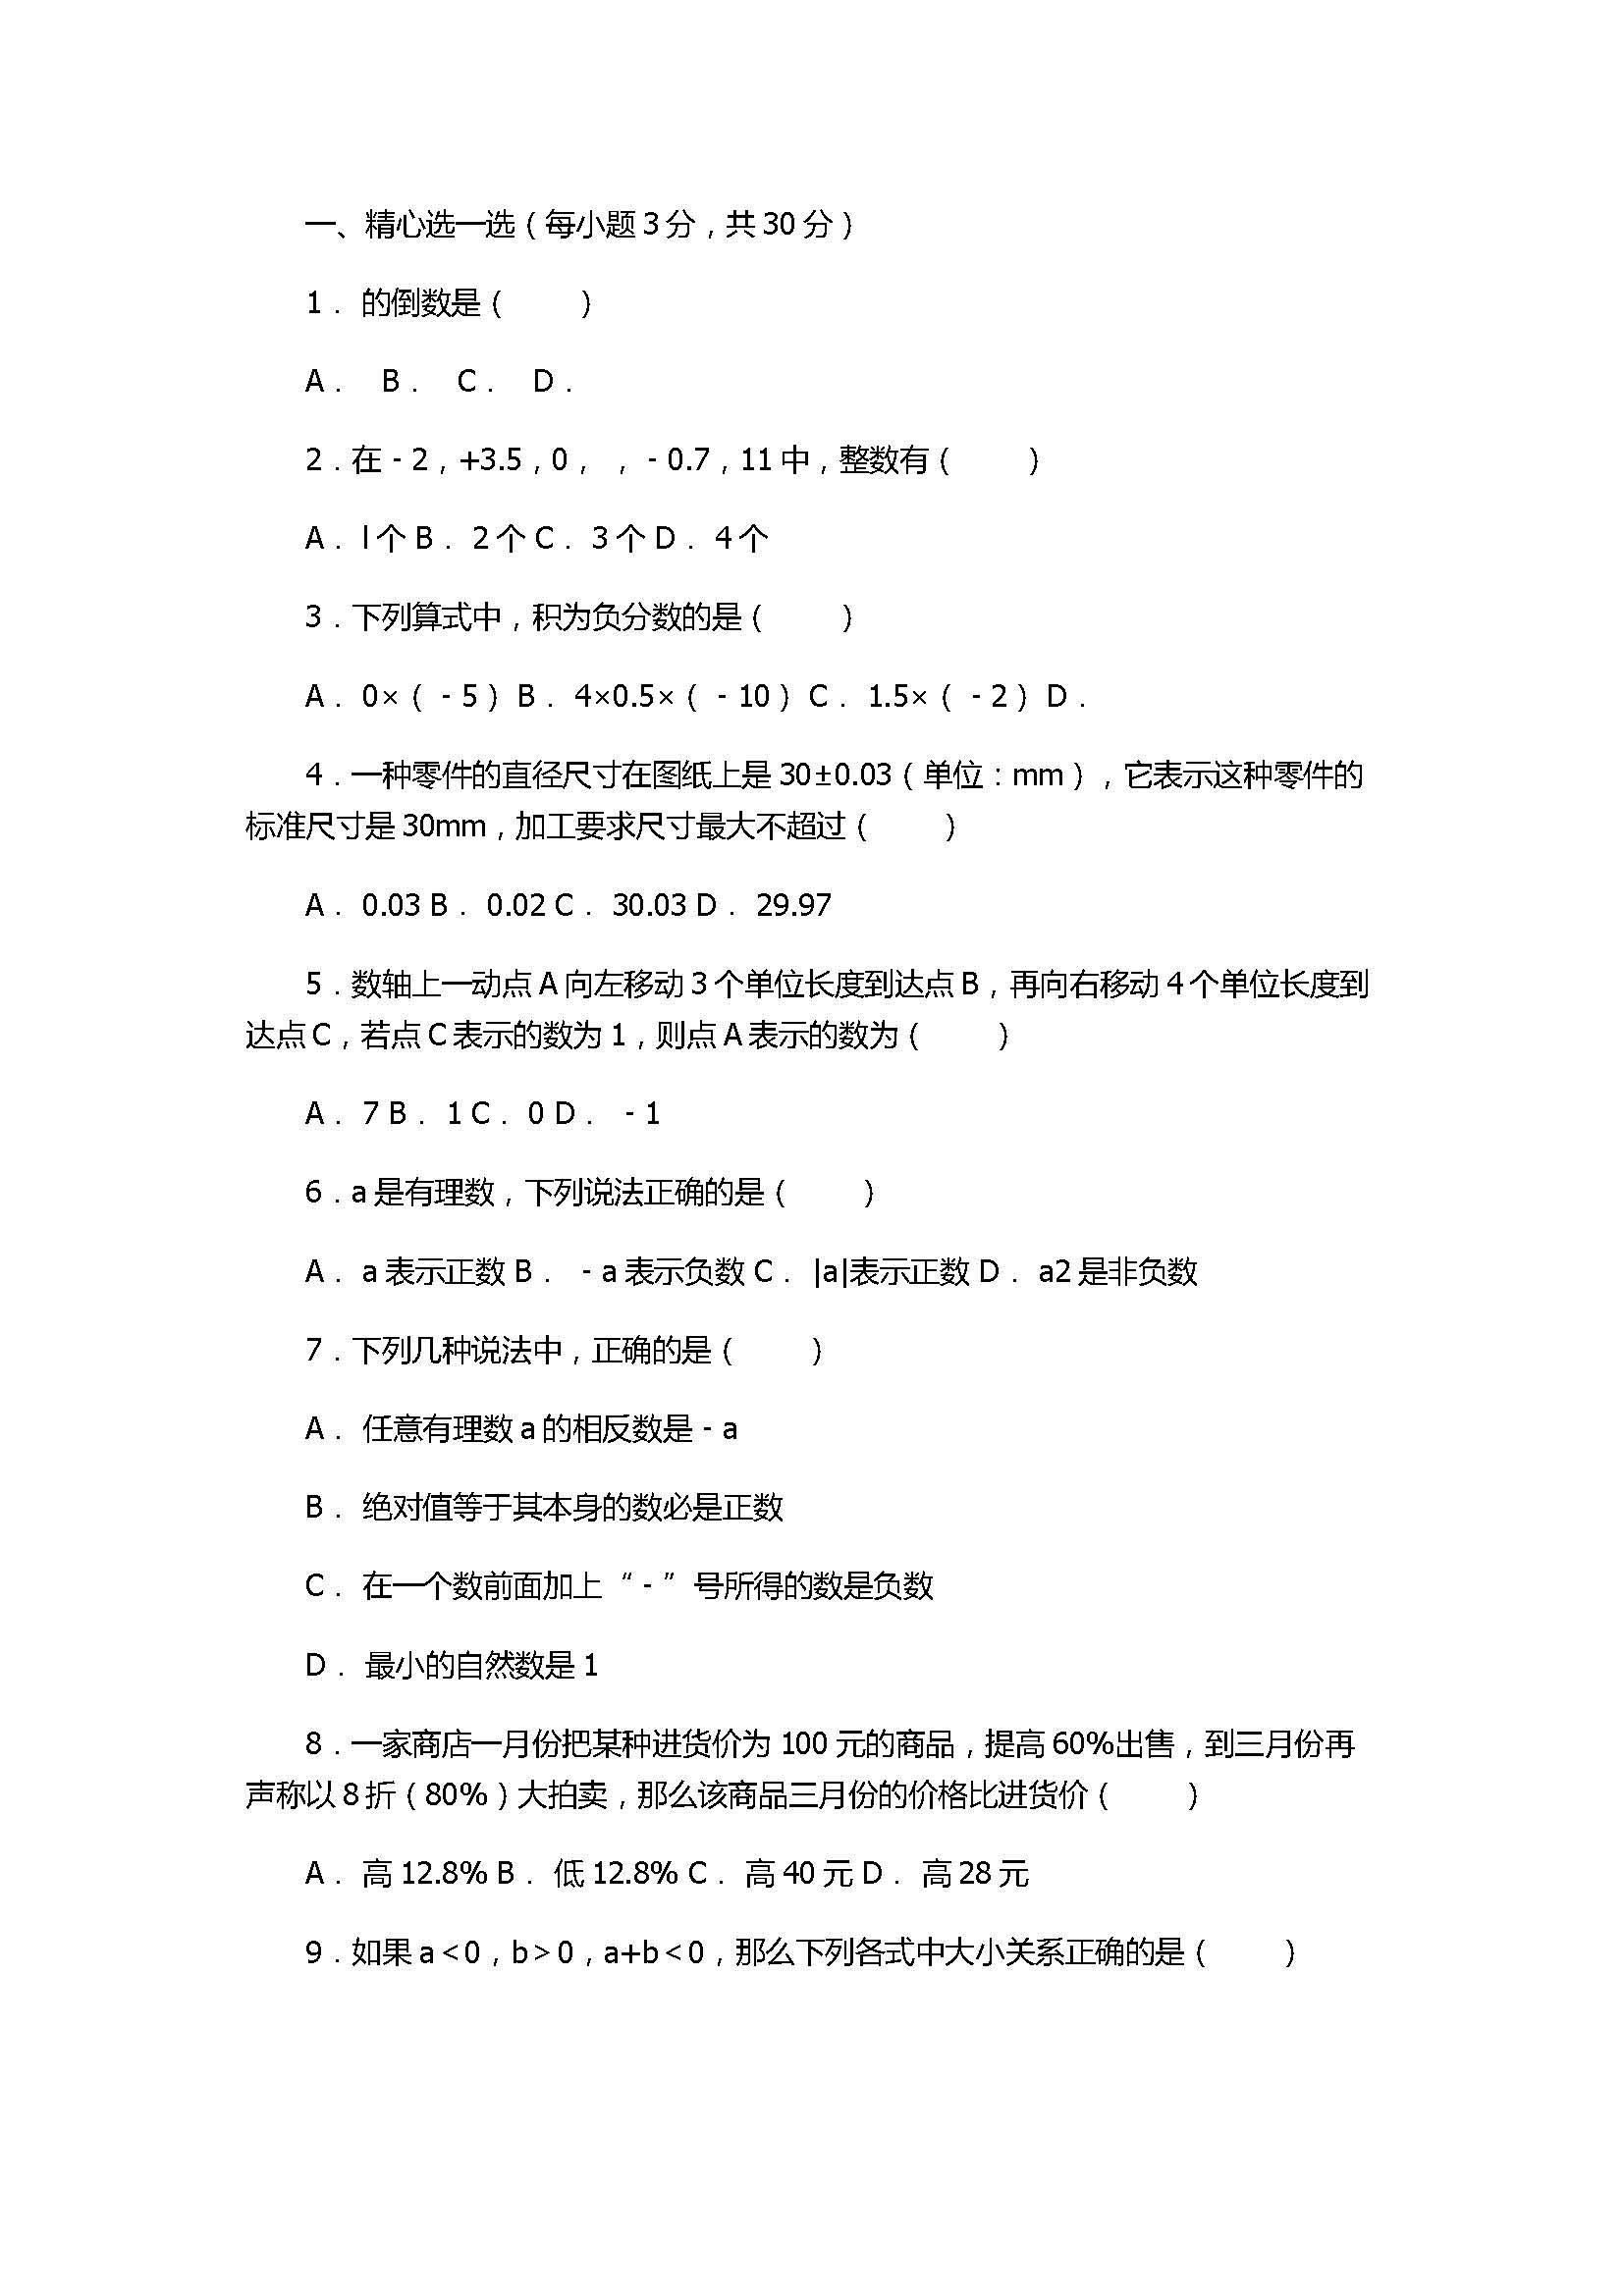 2017七年级数学月考试卷含参考答案和解释(广西省贵港市)